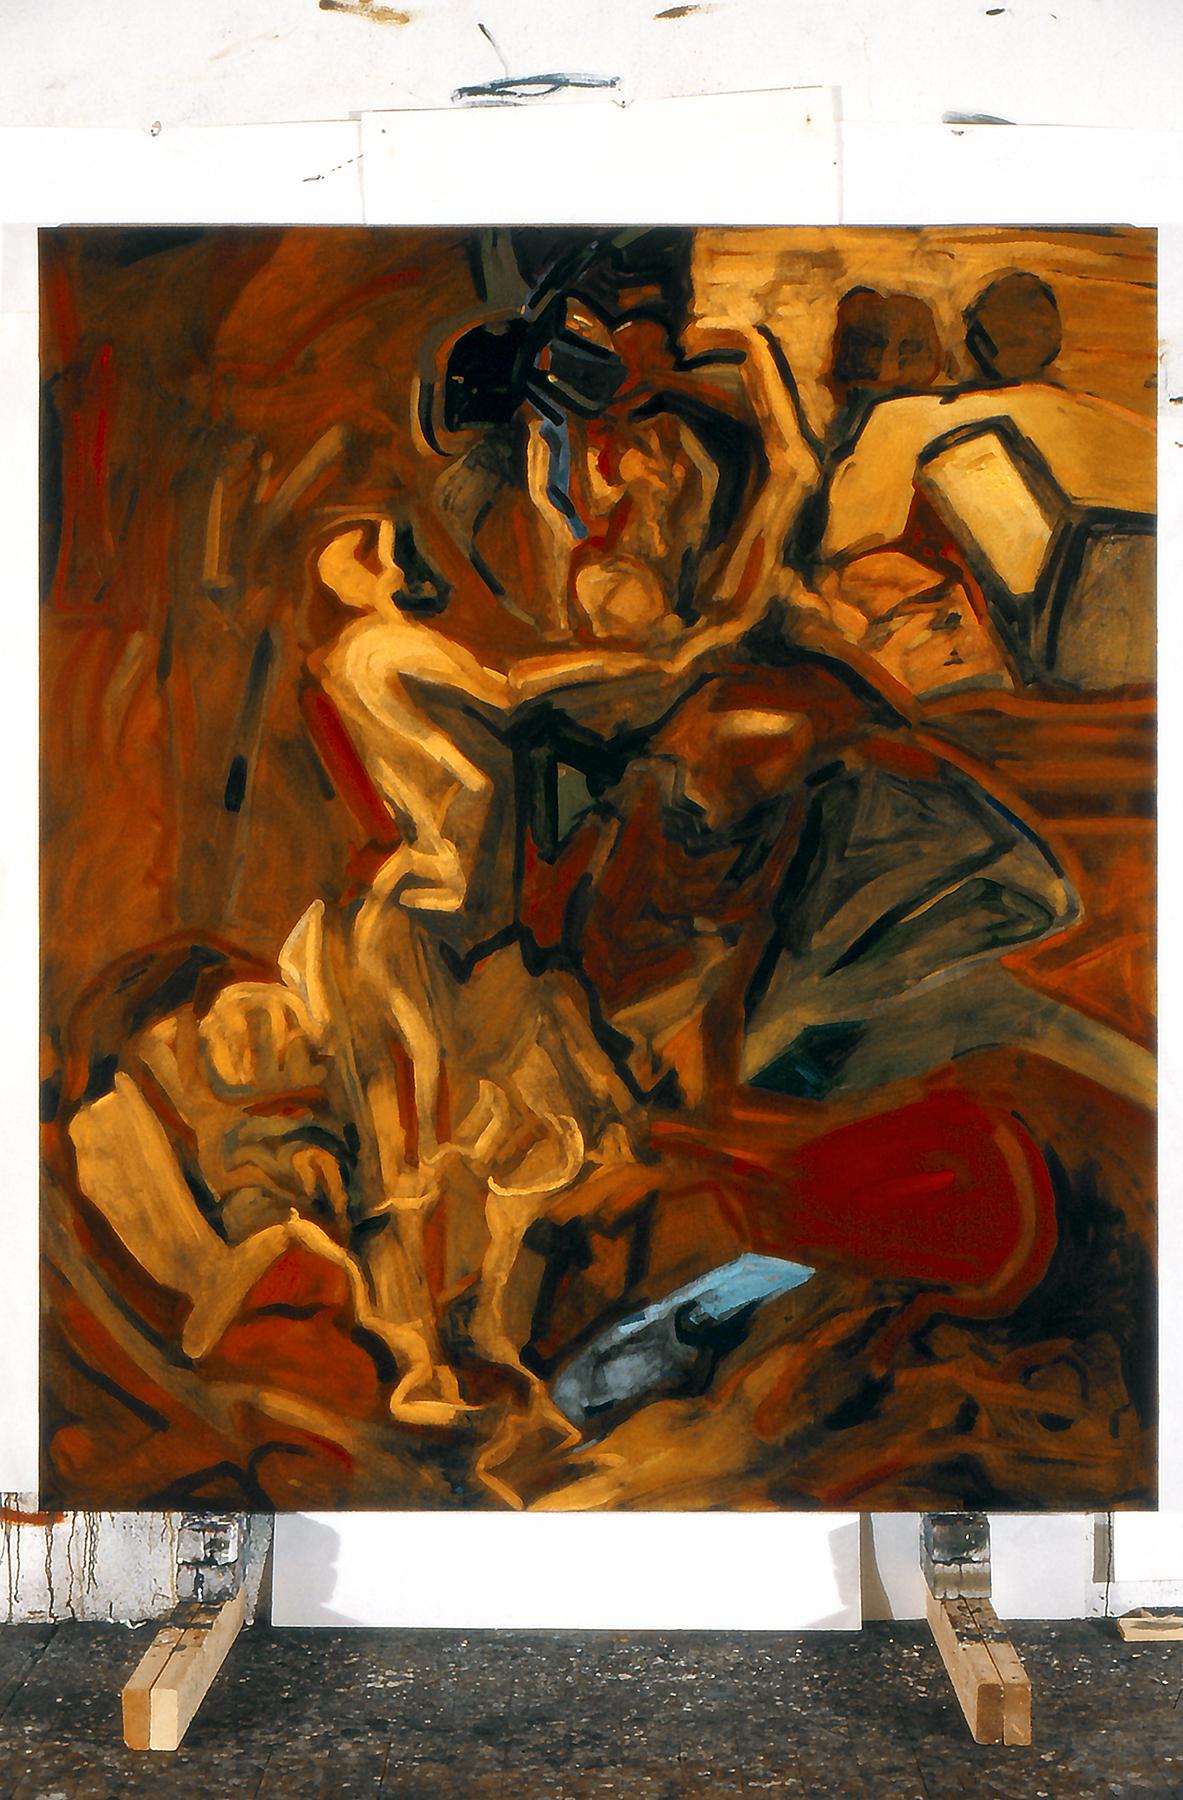 113 Plotek, Leopold Venus in the forge of Vulcan 1993 138262.jpg